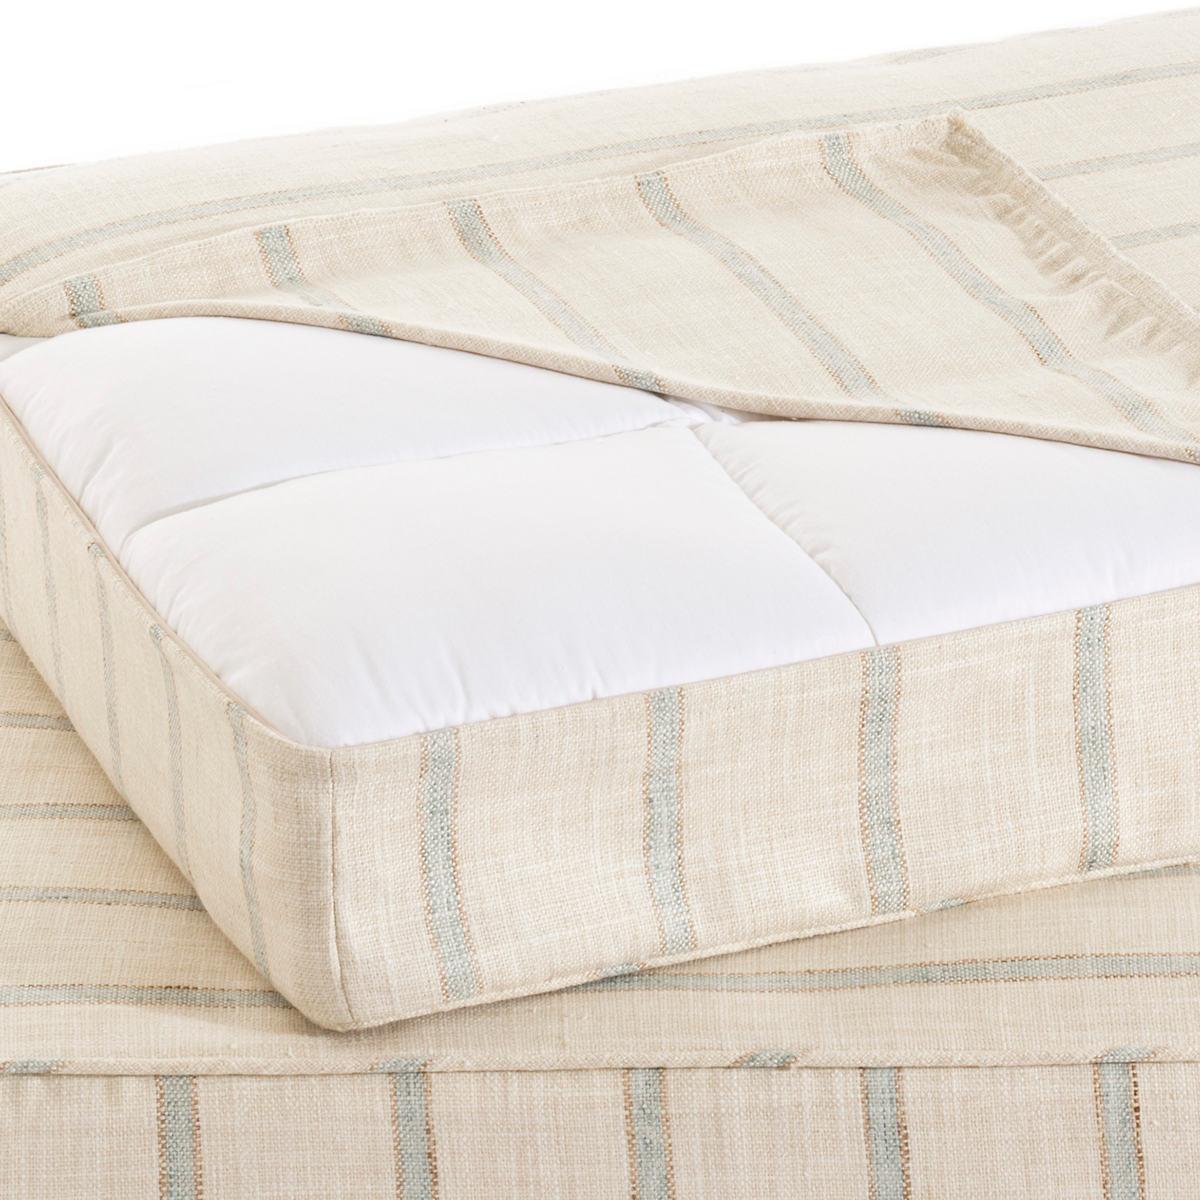 Glendale Stripe Light Blue/Natural Dog Bed Cover